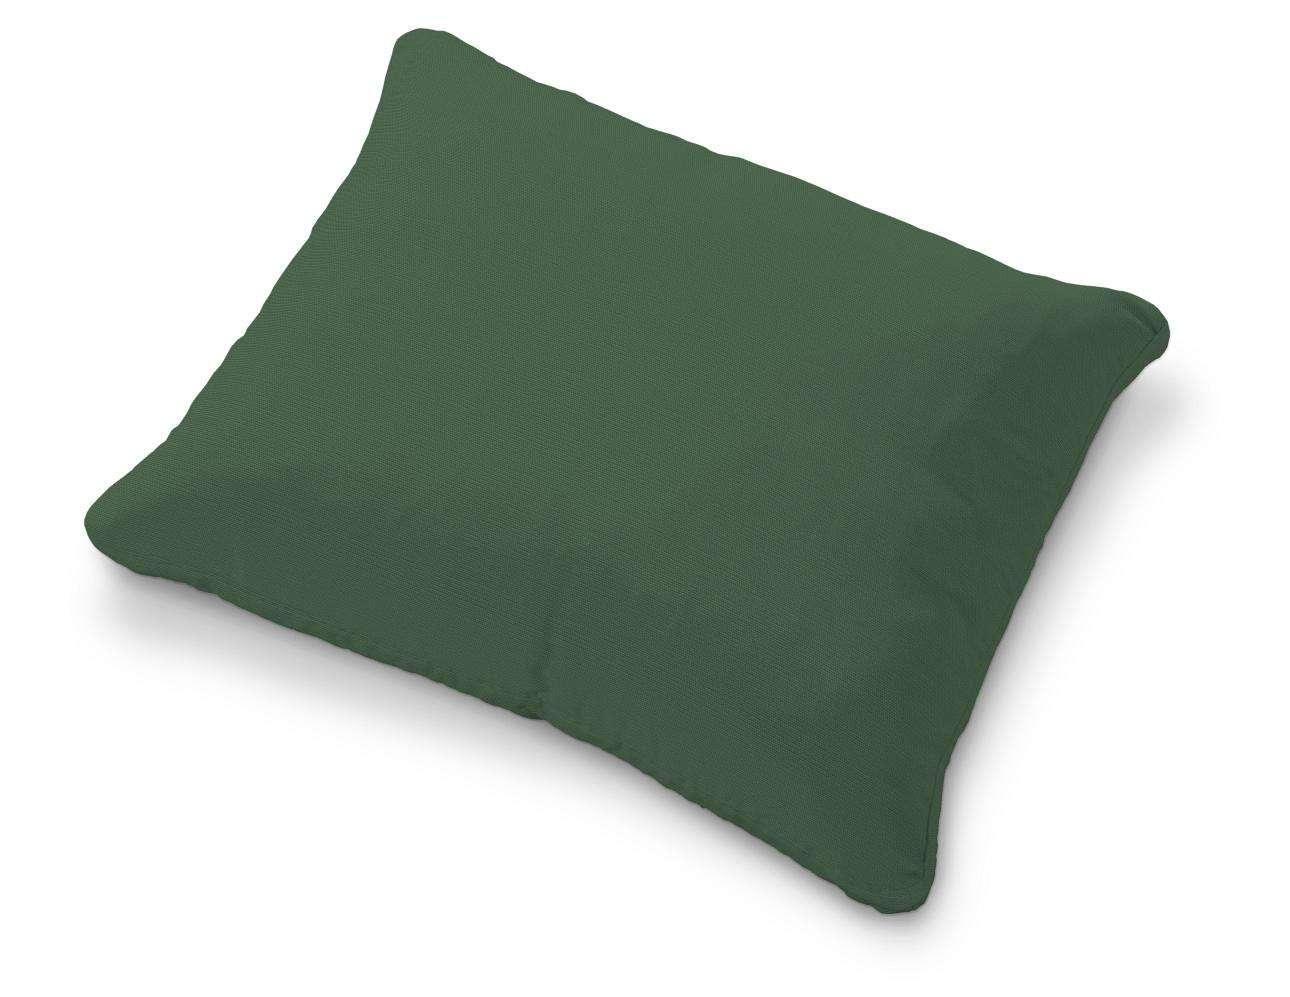 Karlstad pagalvėlės užvalkalas(58 cm x 48 cm) Karlstad pagavėlės užvalkalas 58x48cm kolekcijoje Cotton Panama, audinys: 702-06